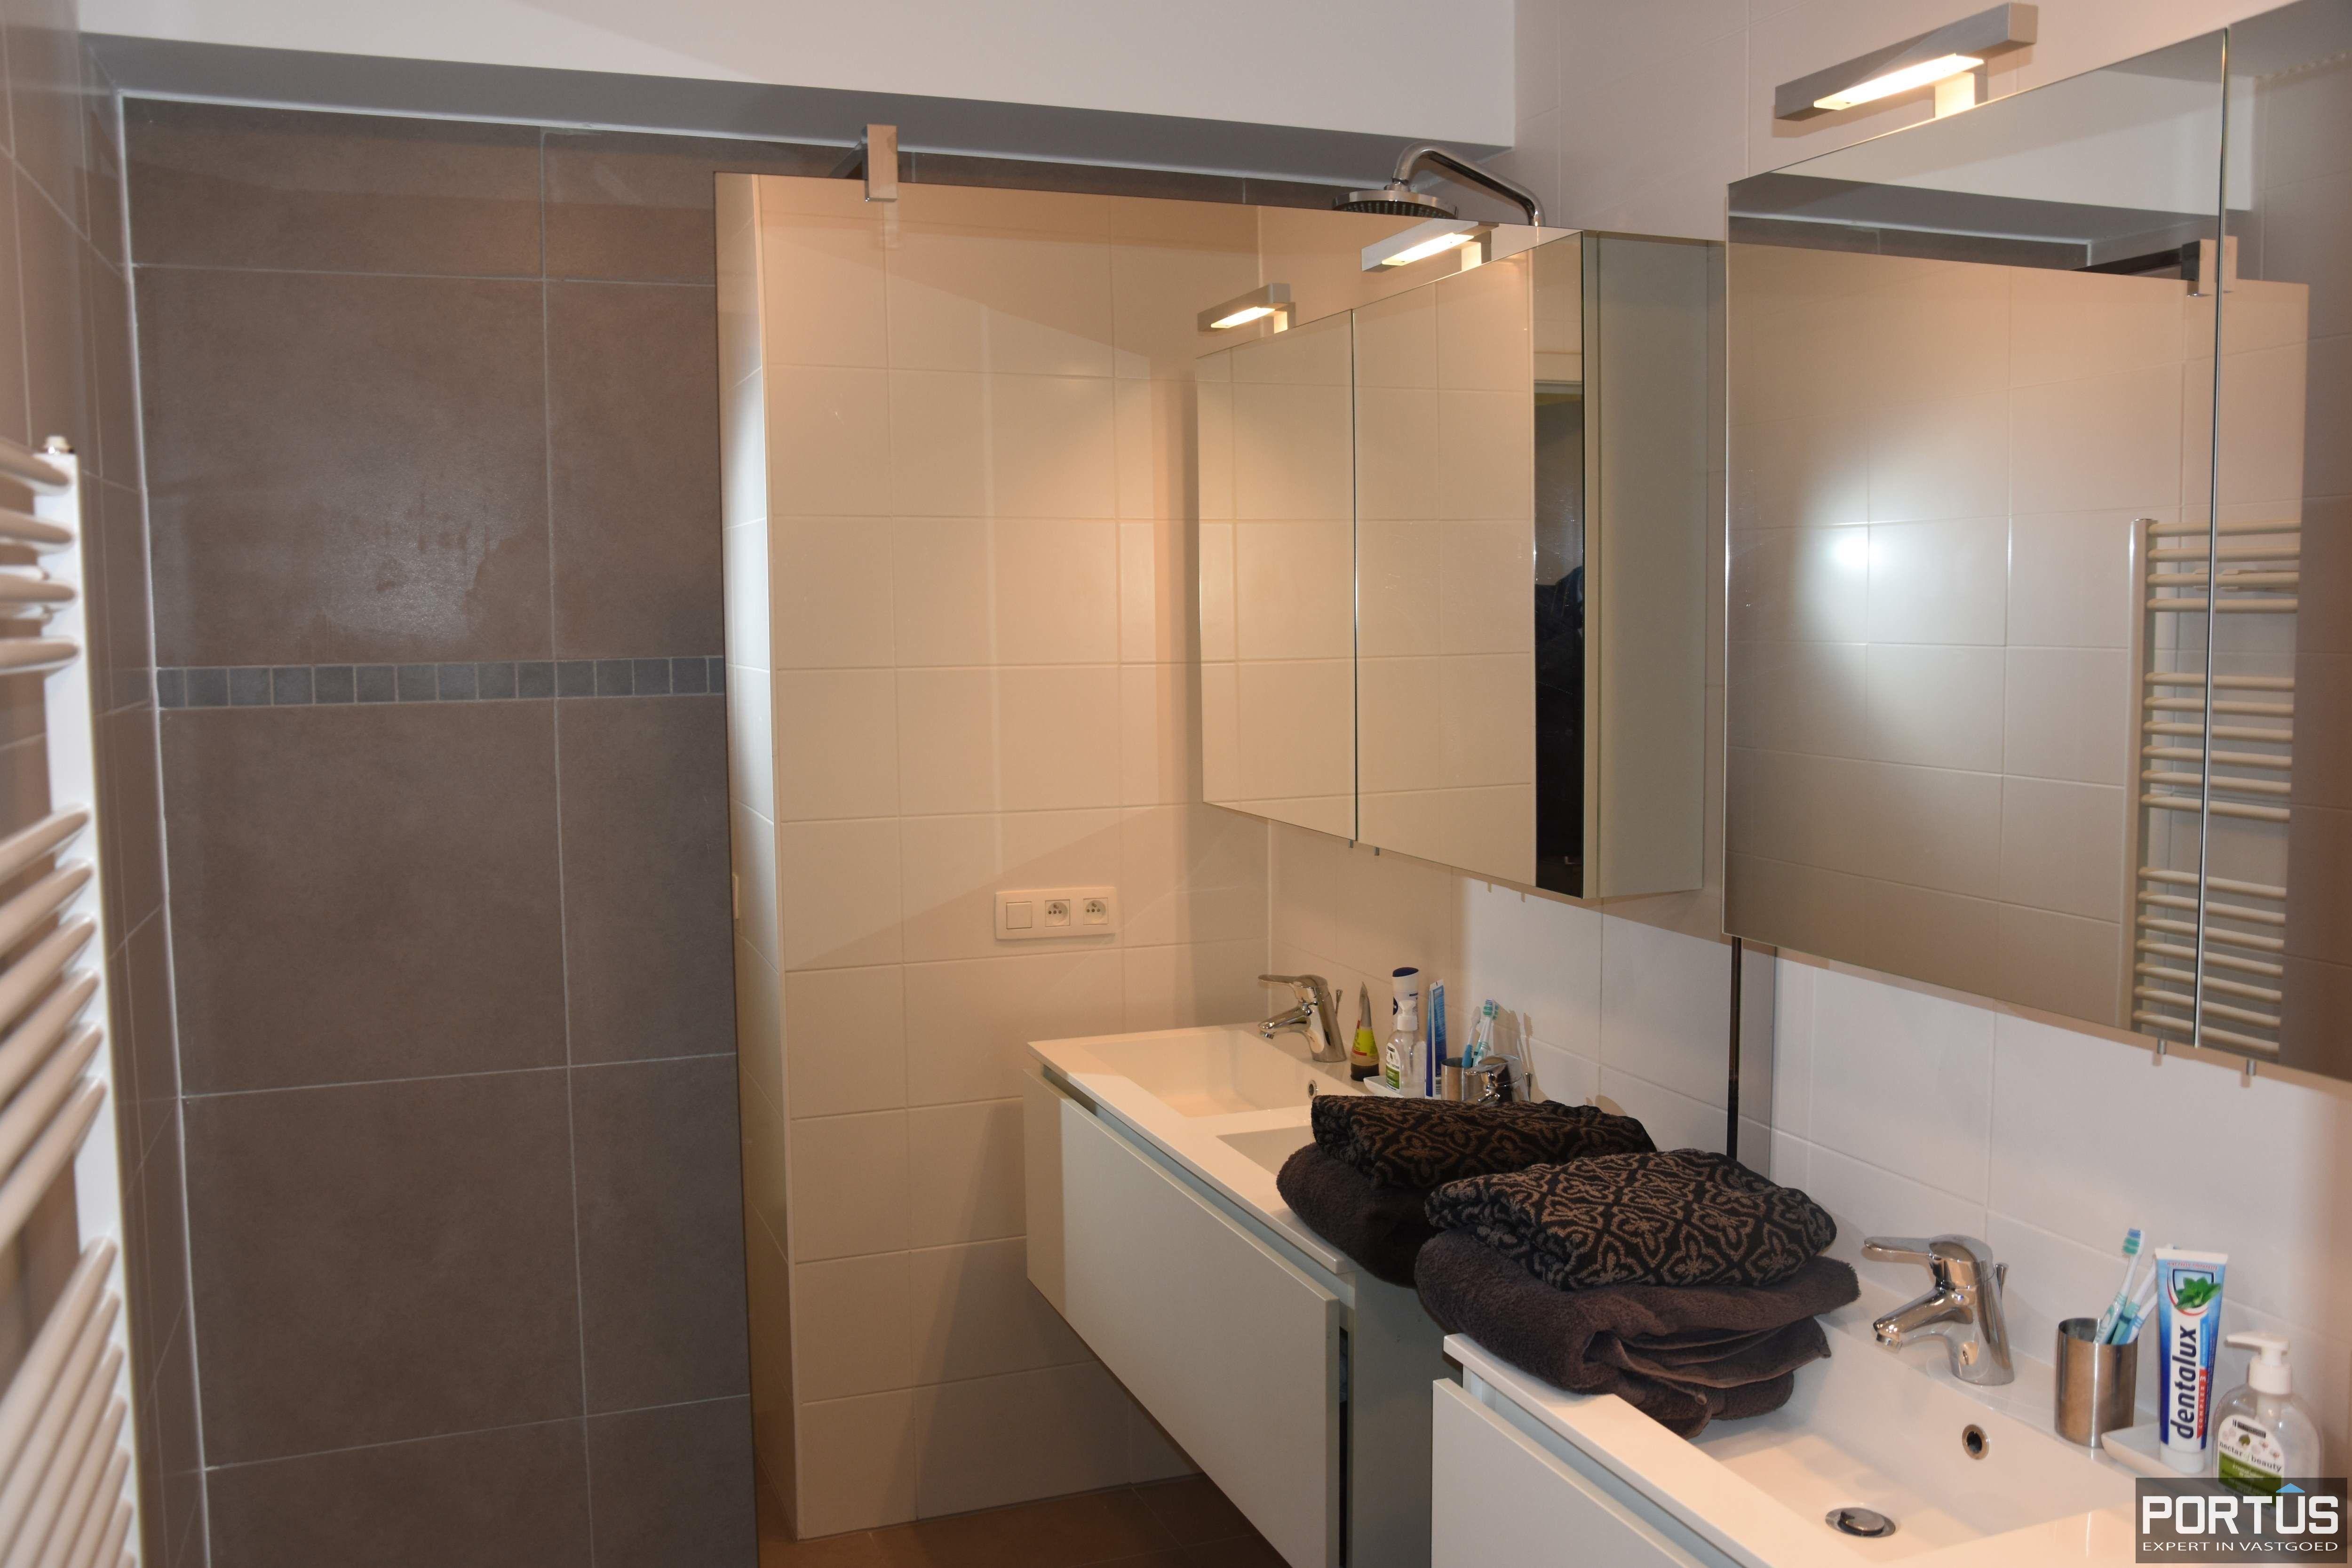 Nieuwbouwappartement te huur met 2 slaapkamers. - 12219